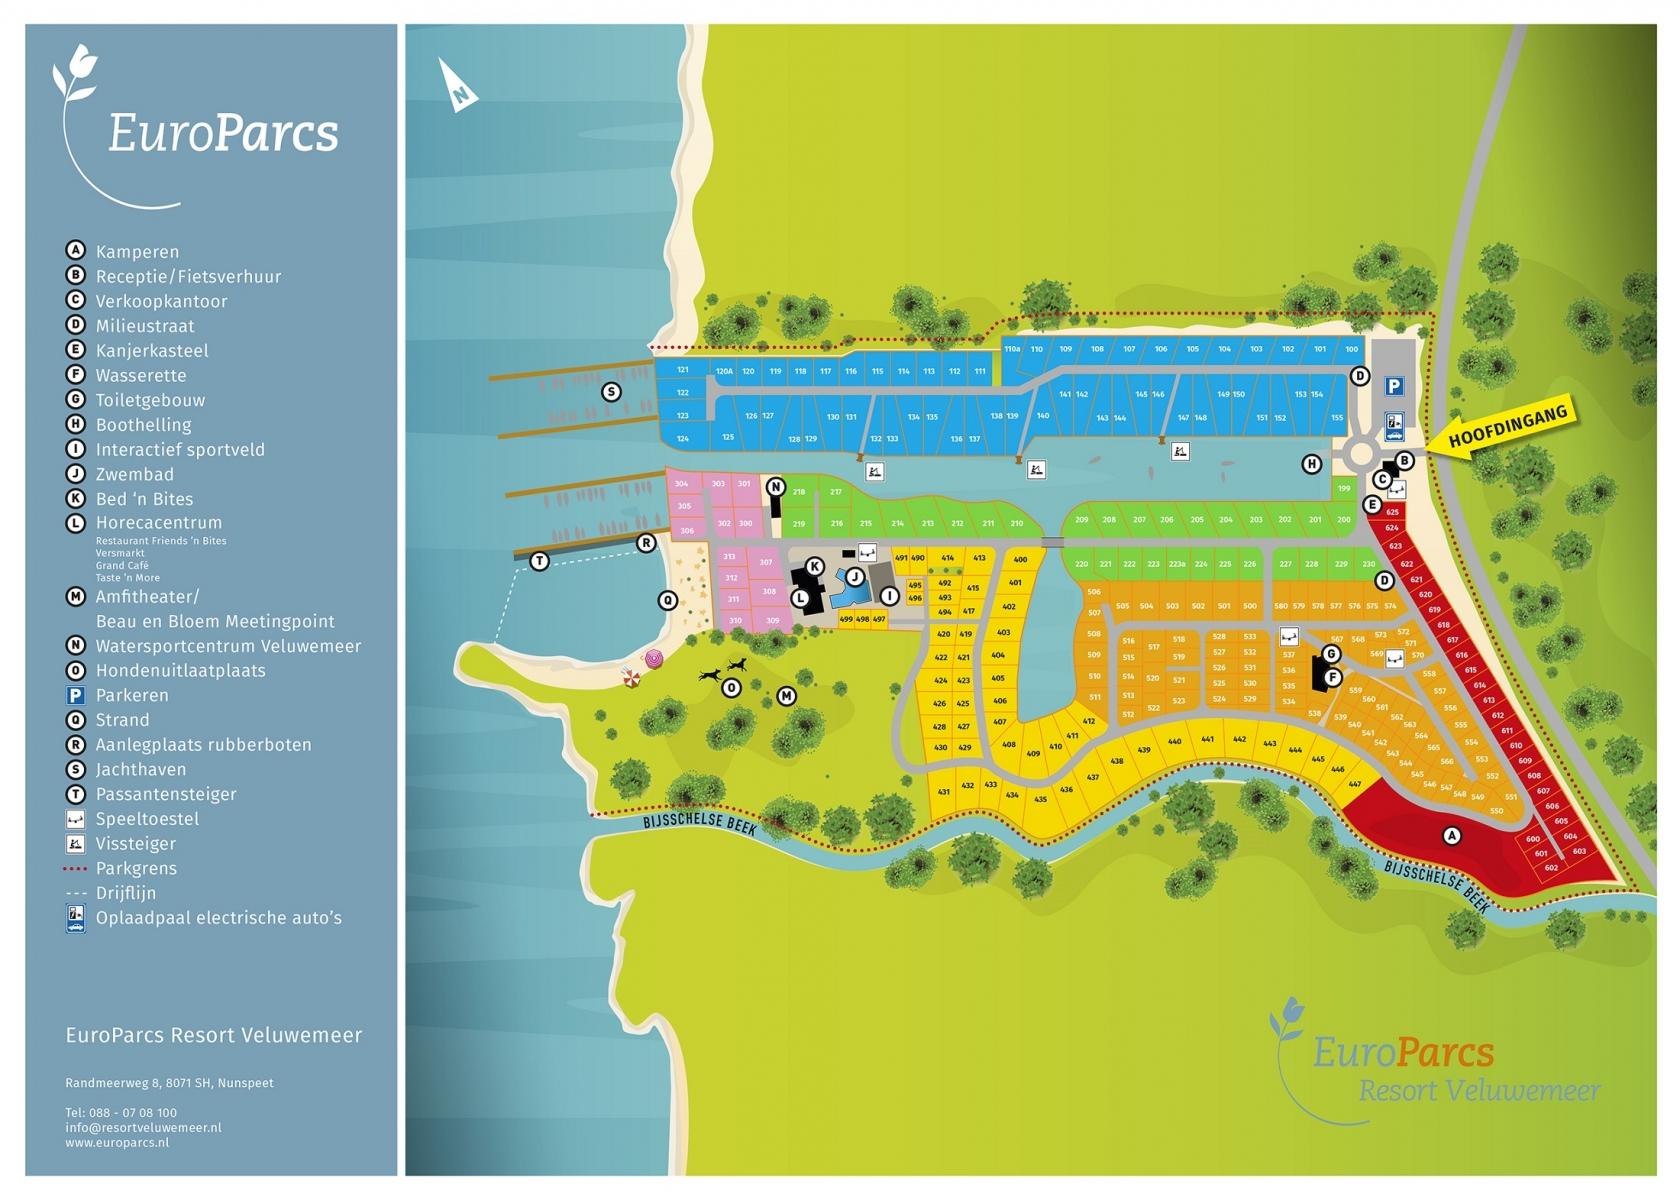 EuroParcs Resort Veluwemeer